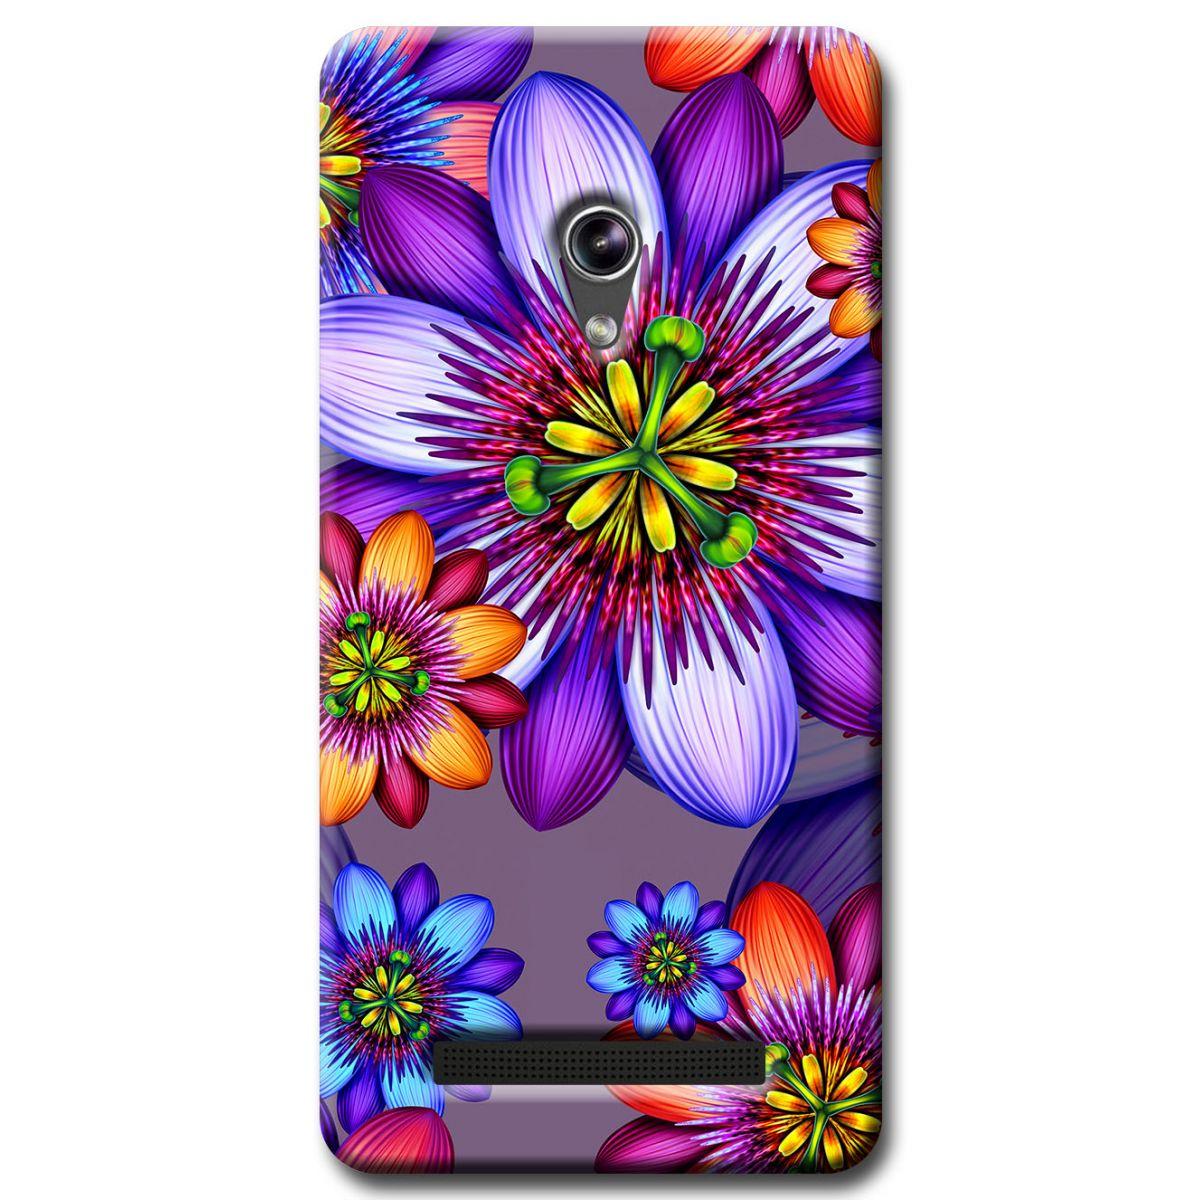 Capa Personalizada para Asus Zenfone 6 A600CG A601 - AR98